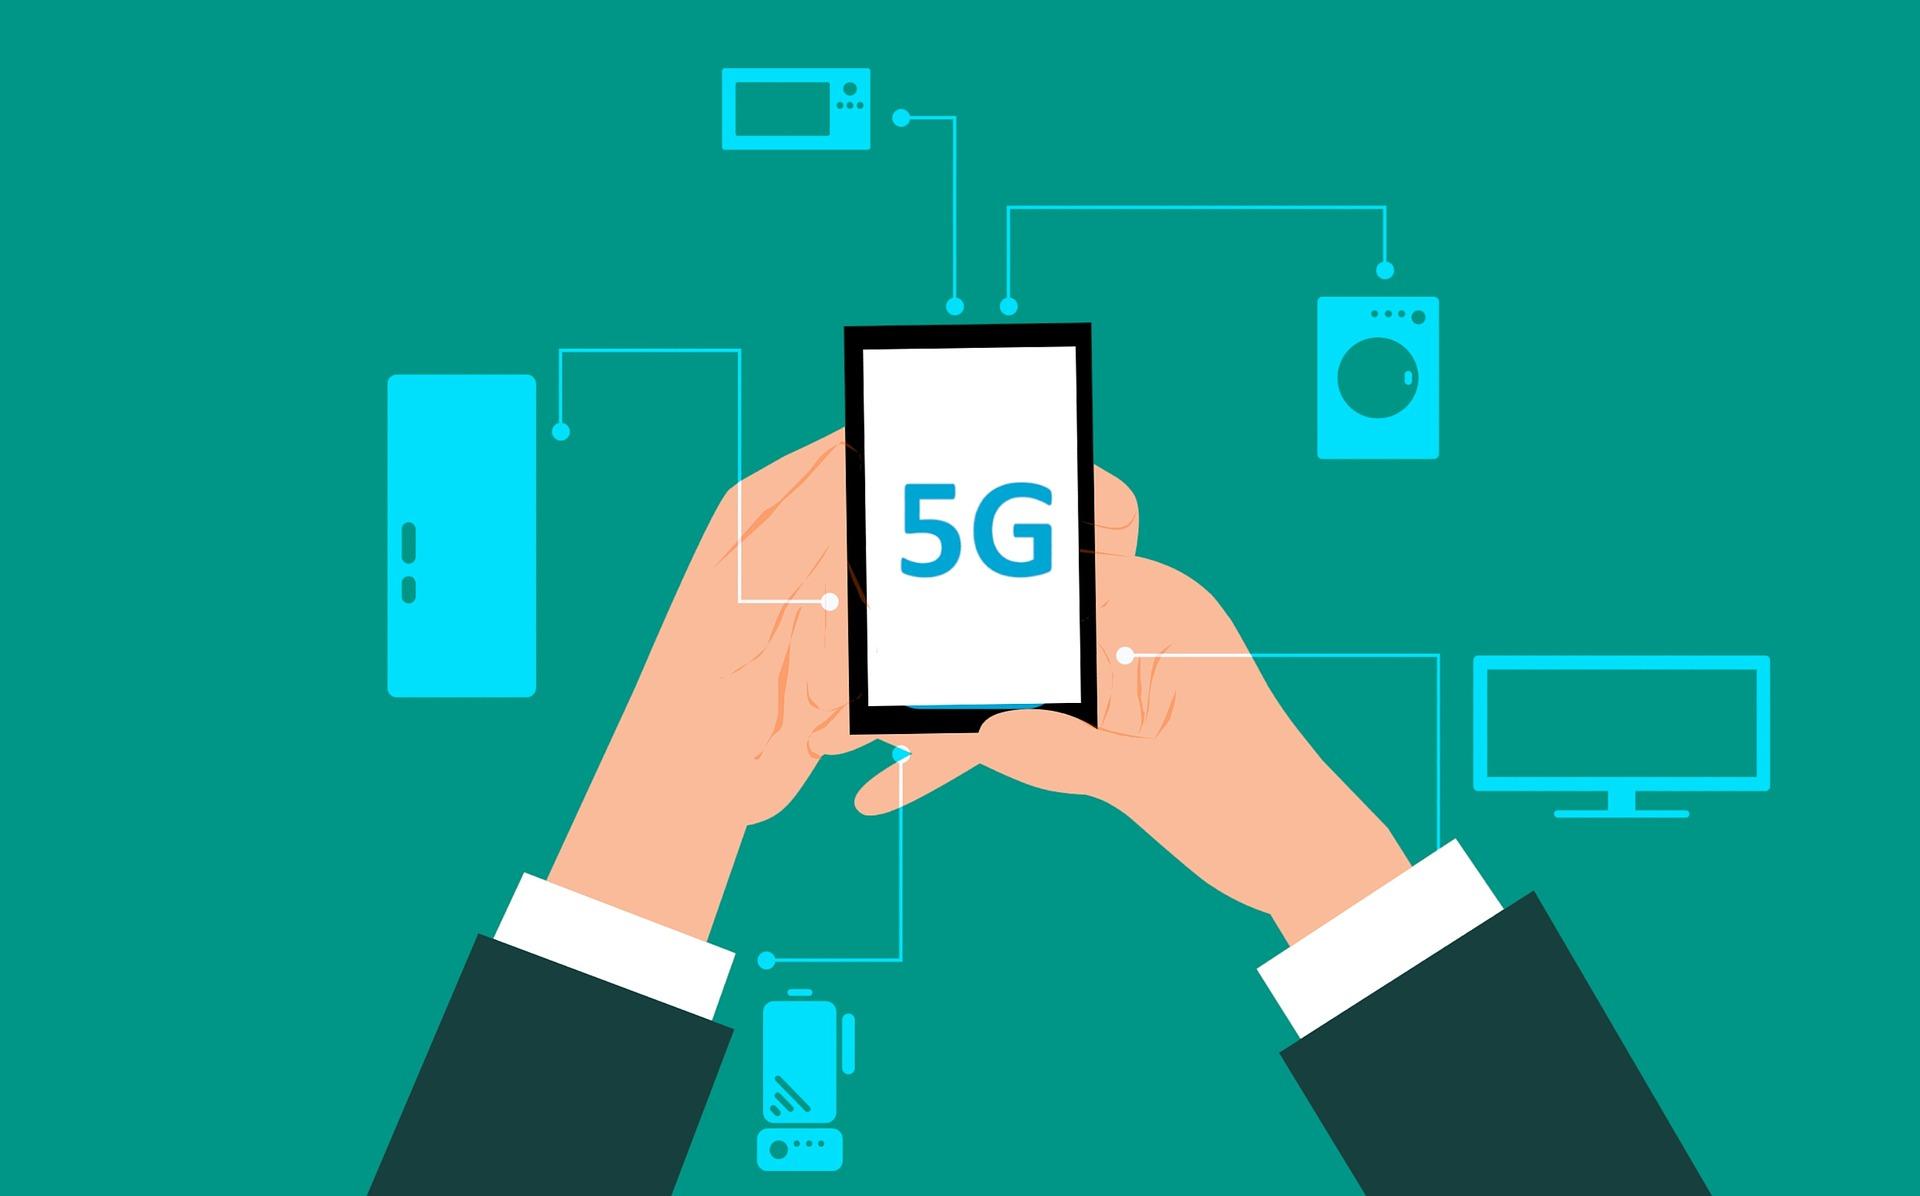 Che aspetto avrà l'impresa abilitata al 5G?